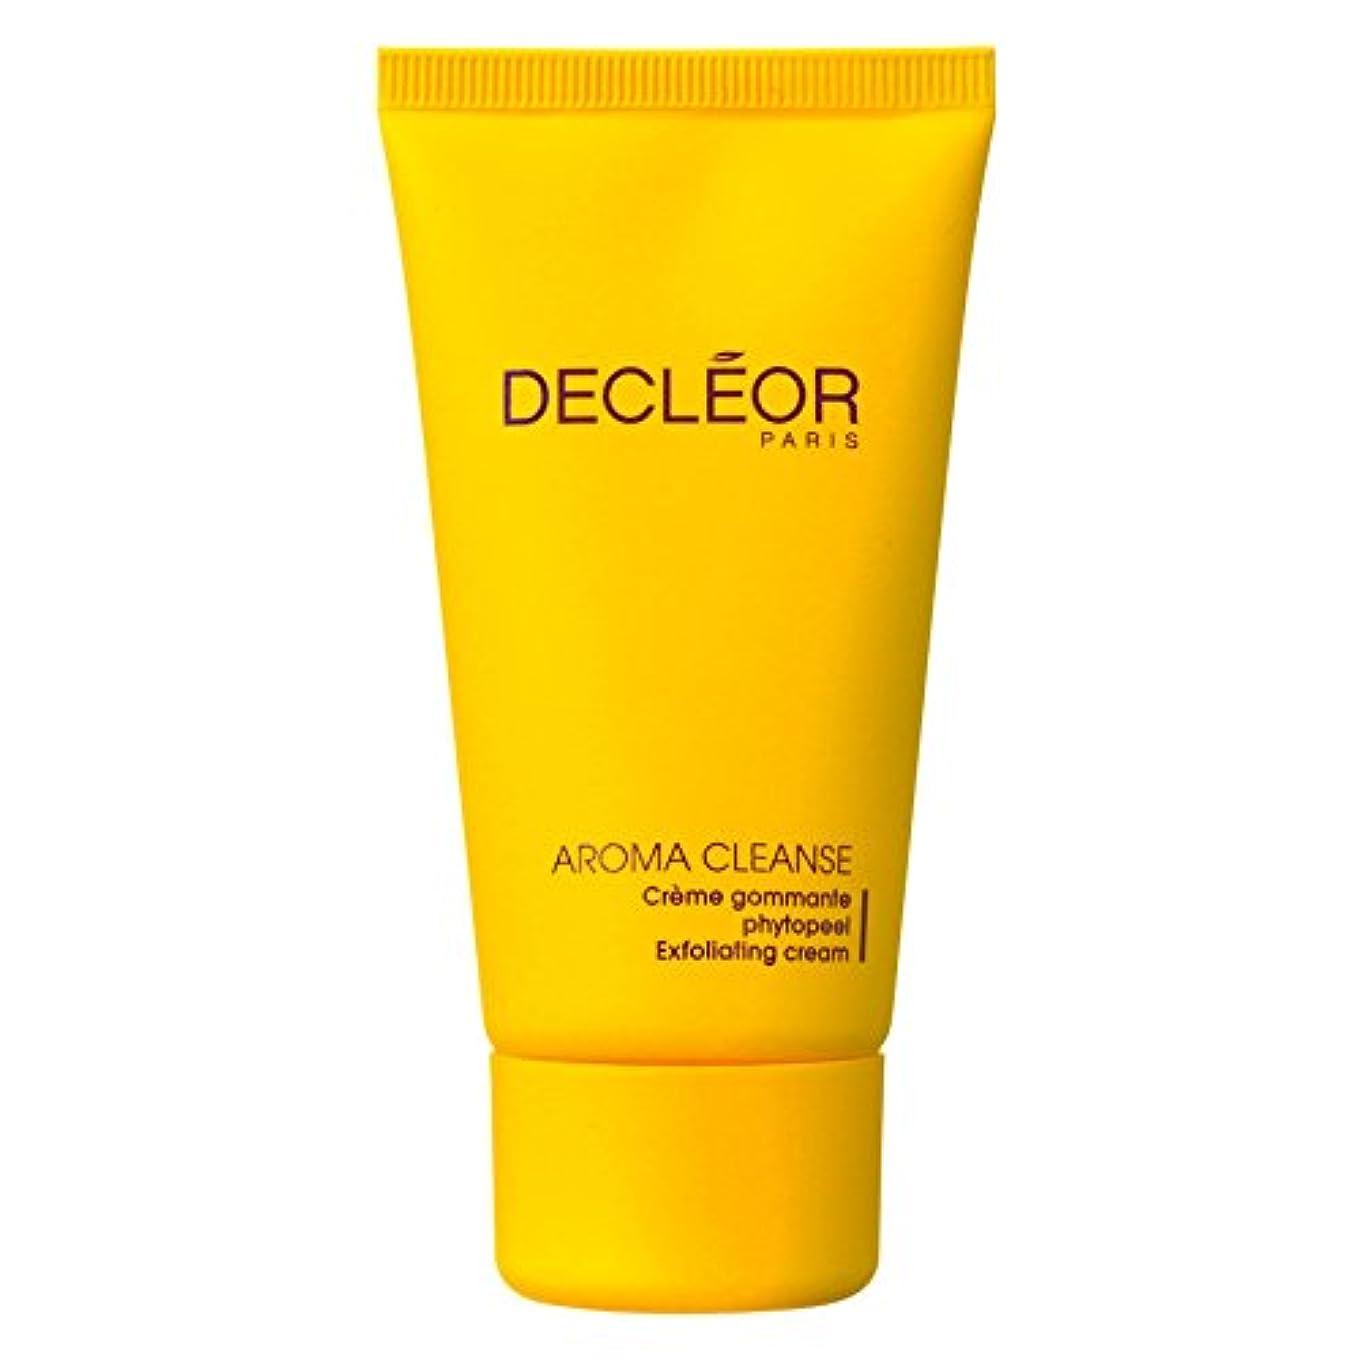 穀物代理店ポスター[Decl?or] デクレオールソースドールエクラ輝きピーリングクリーム50Ml - Decl?or Source D'Eclat Radiance Exfoliating Cream 50ml [並行輸入品]